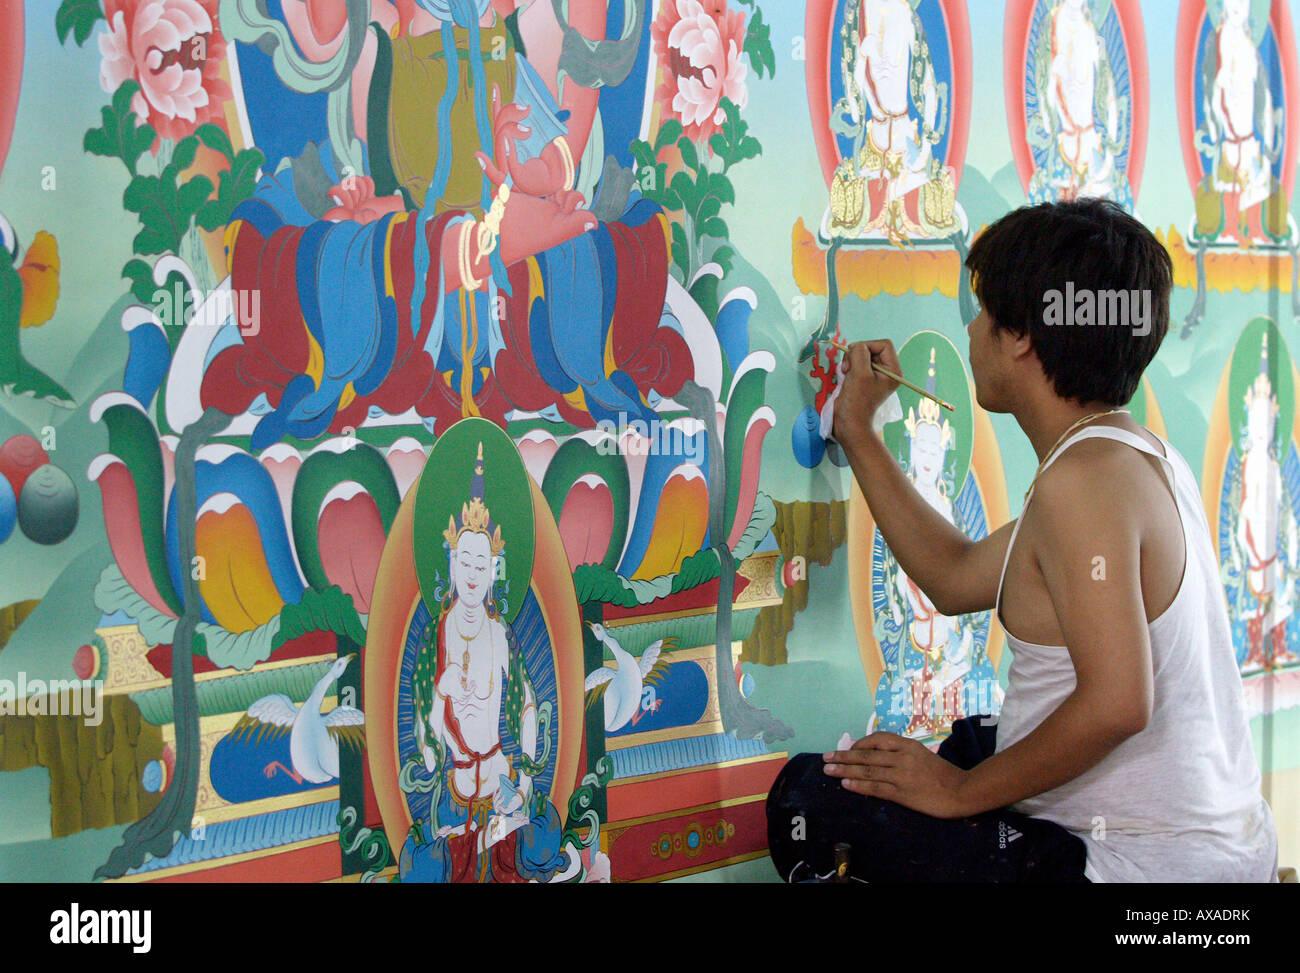 Man painting Thangka at the Drukpa Kagyu monastery, India - Stock Image